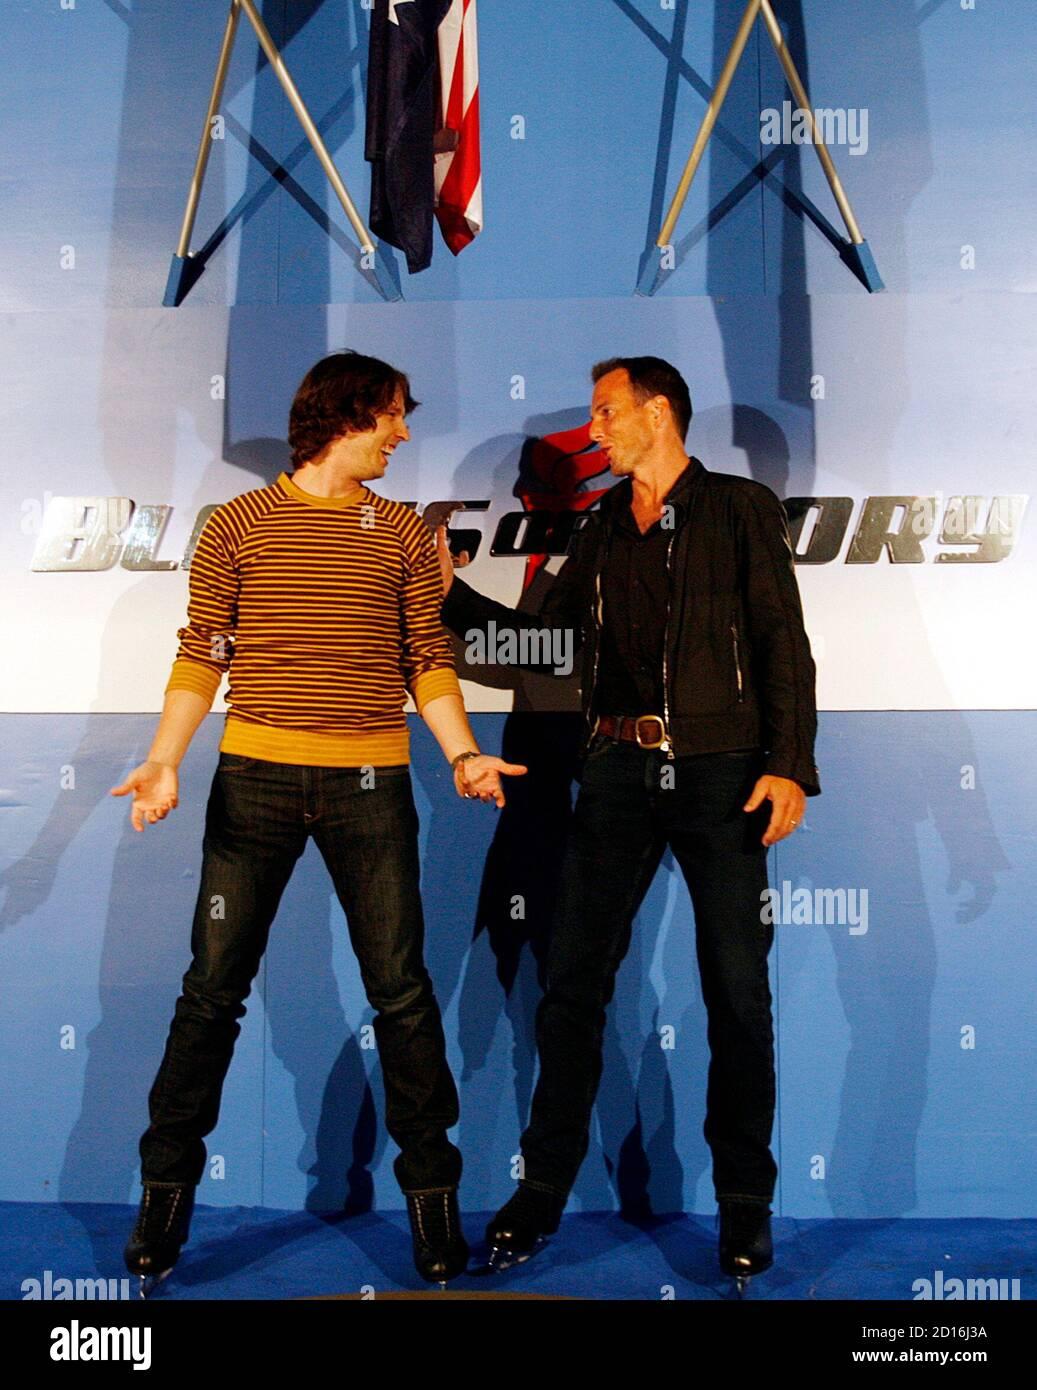 """Schauspieler Jon Heder (L) und Will Arnett Witz um auf eine Medien-Möglichkeit in eine Eislaufbahn, ihren Film """"Blades of Glory"""" in Sydney 6. Juni 2007 zu fördern.         REUTERS/Tim Wimborne (Australien) Stockfoto"""